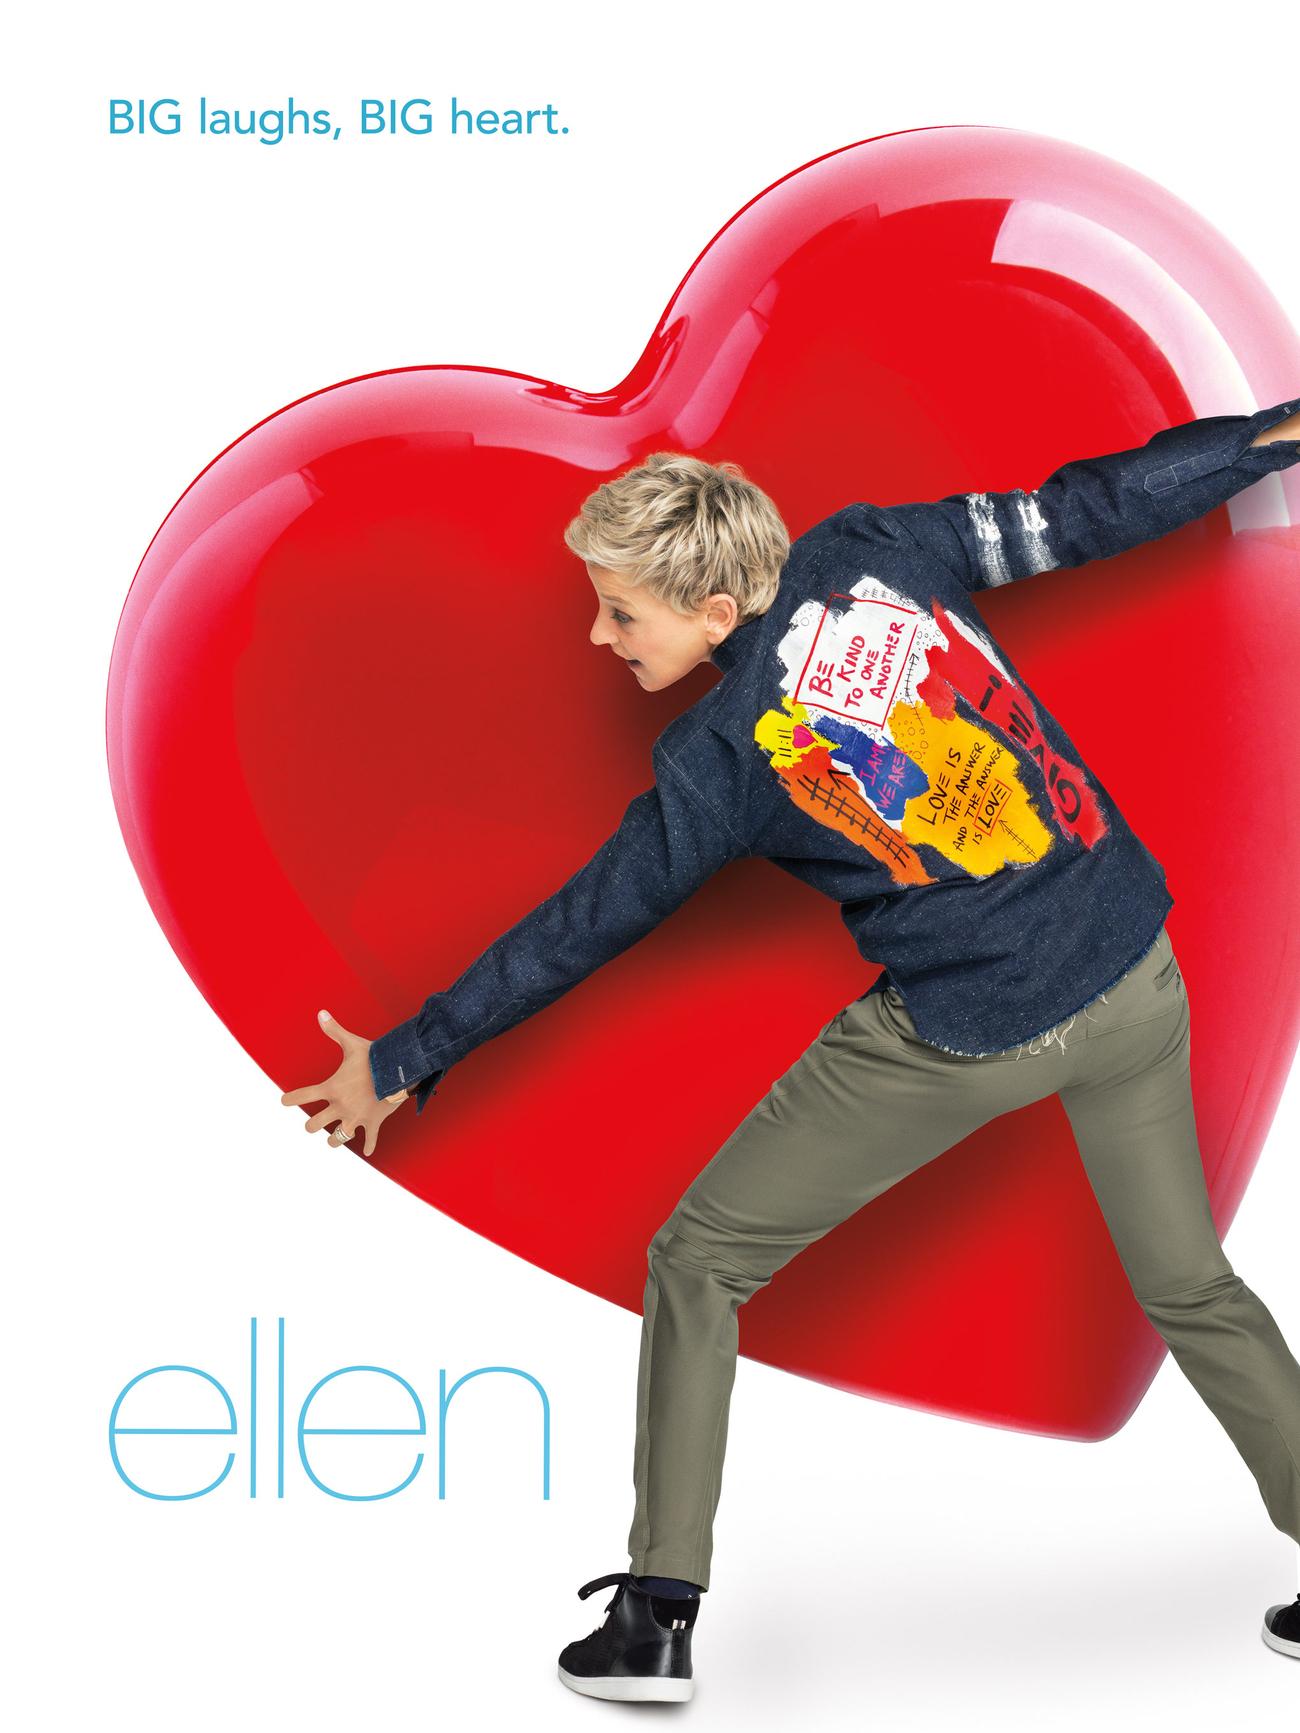 The Ellen DeGeneres Show (Telepictures/Warner Bros.)